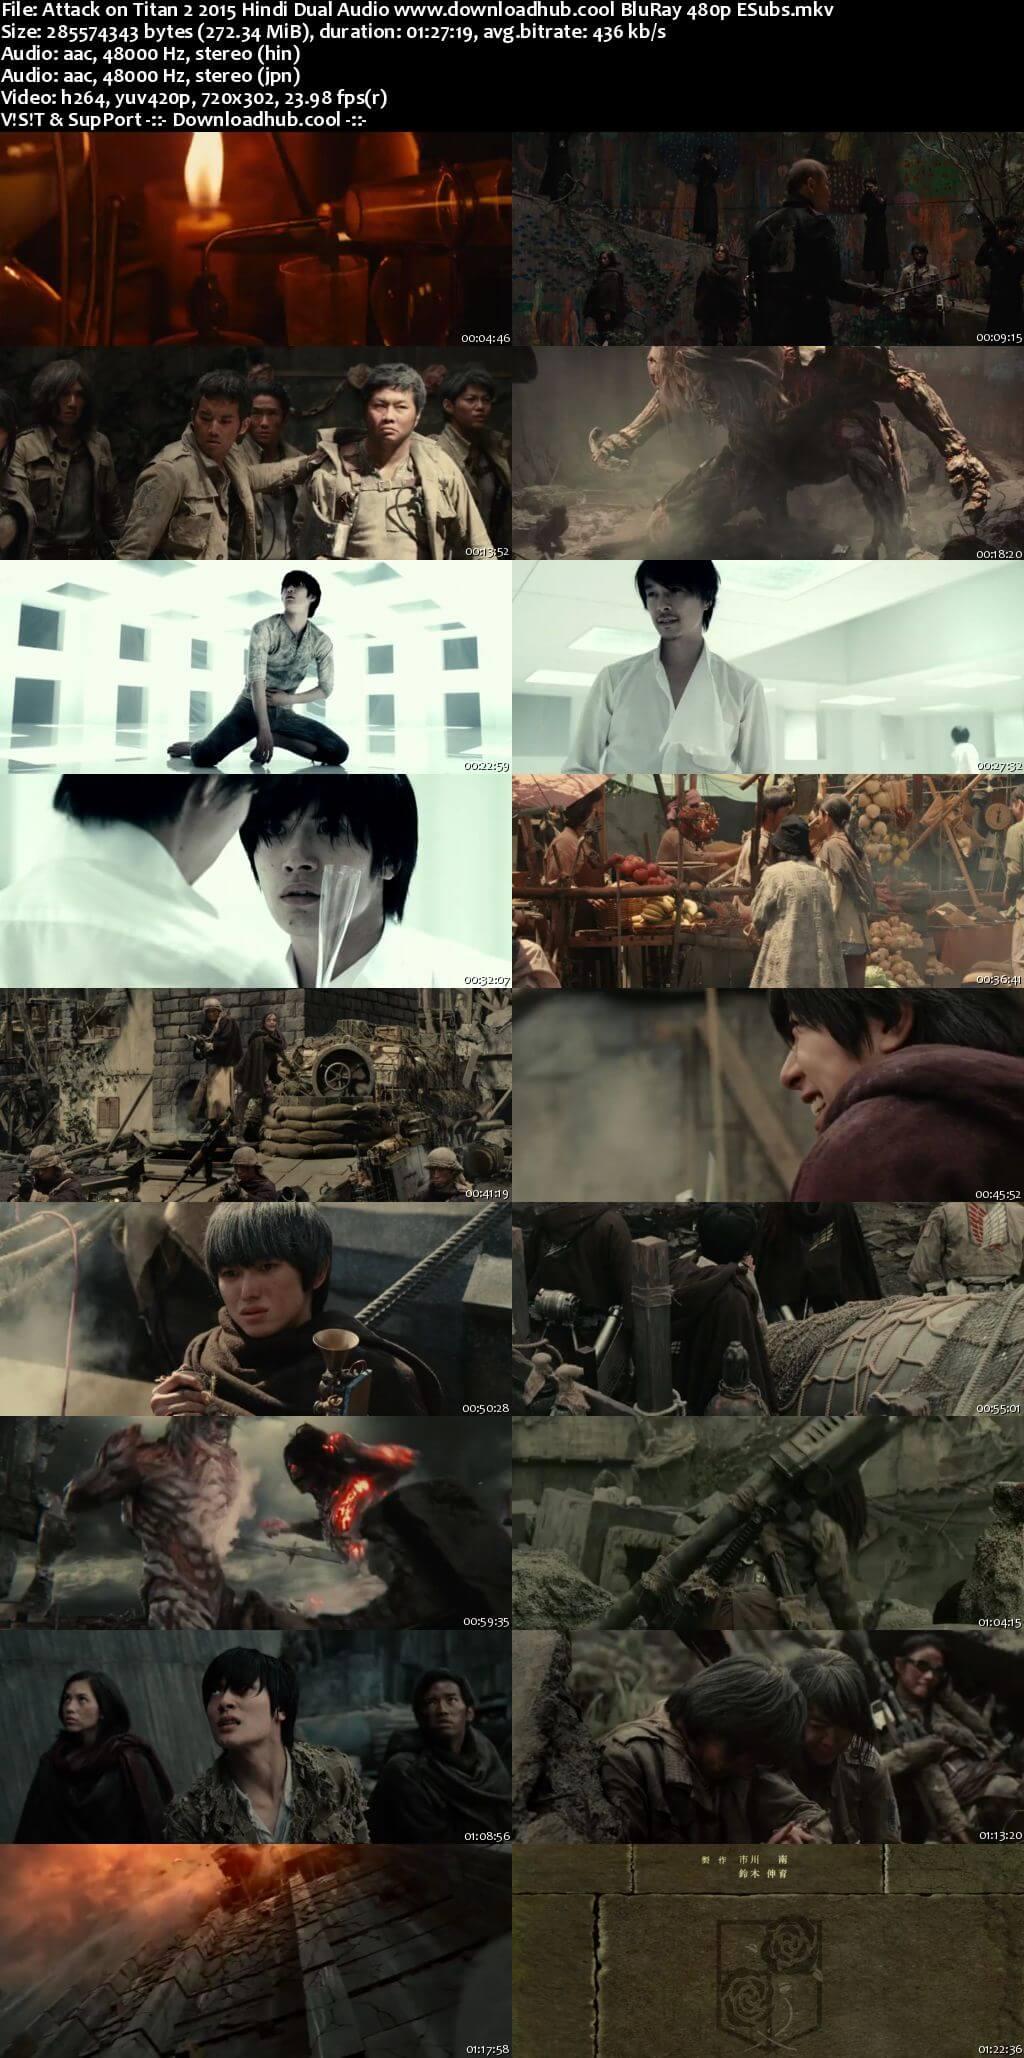 Attack on Titan 2 2015 Hindi Dual Audio 250MB BluRay 480p ESubs